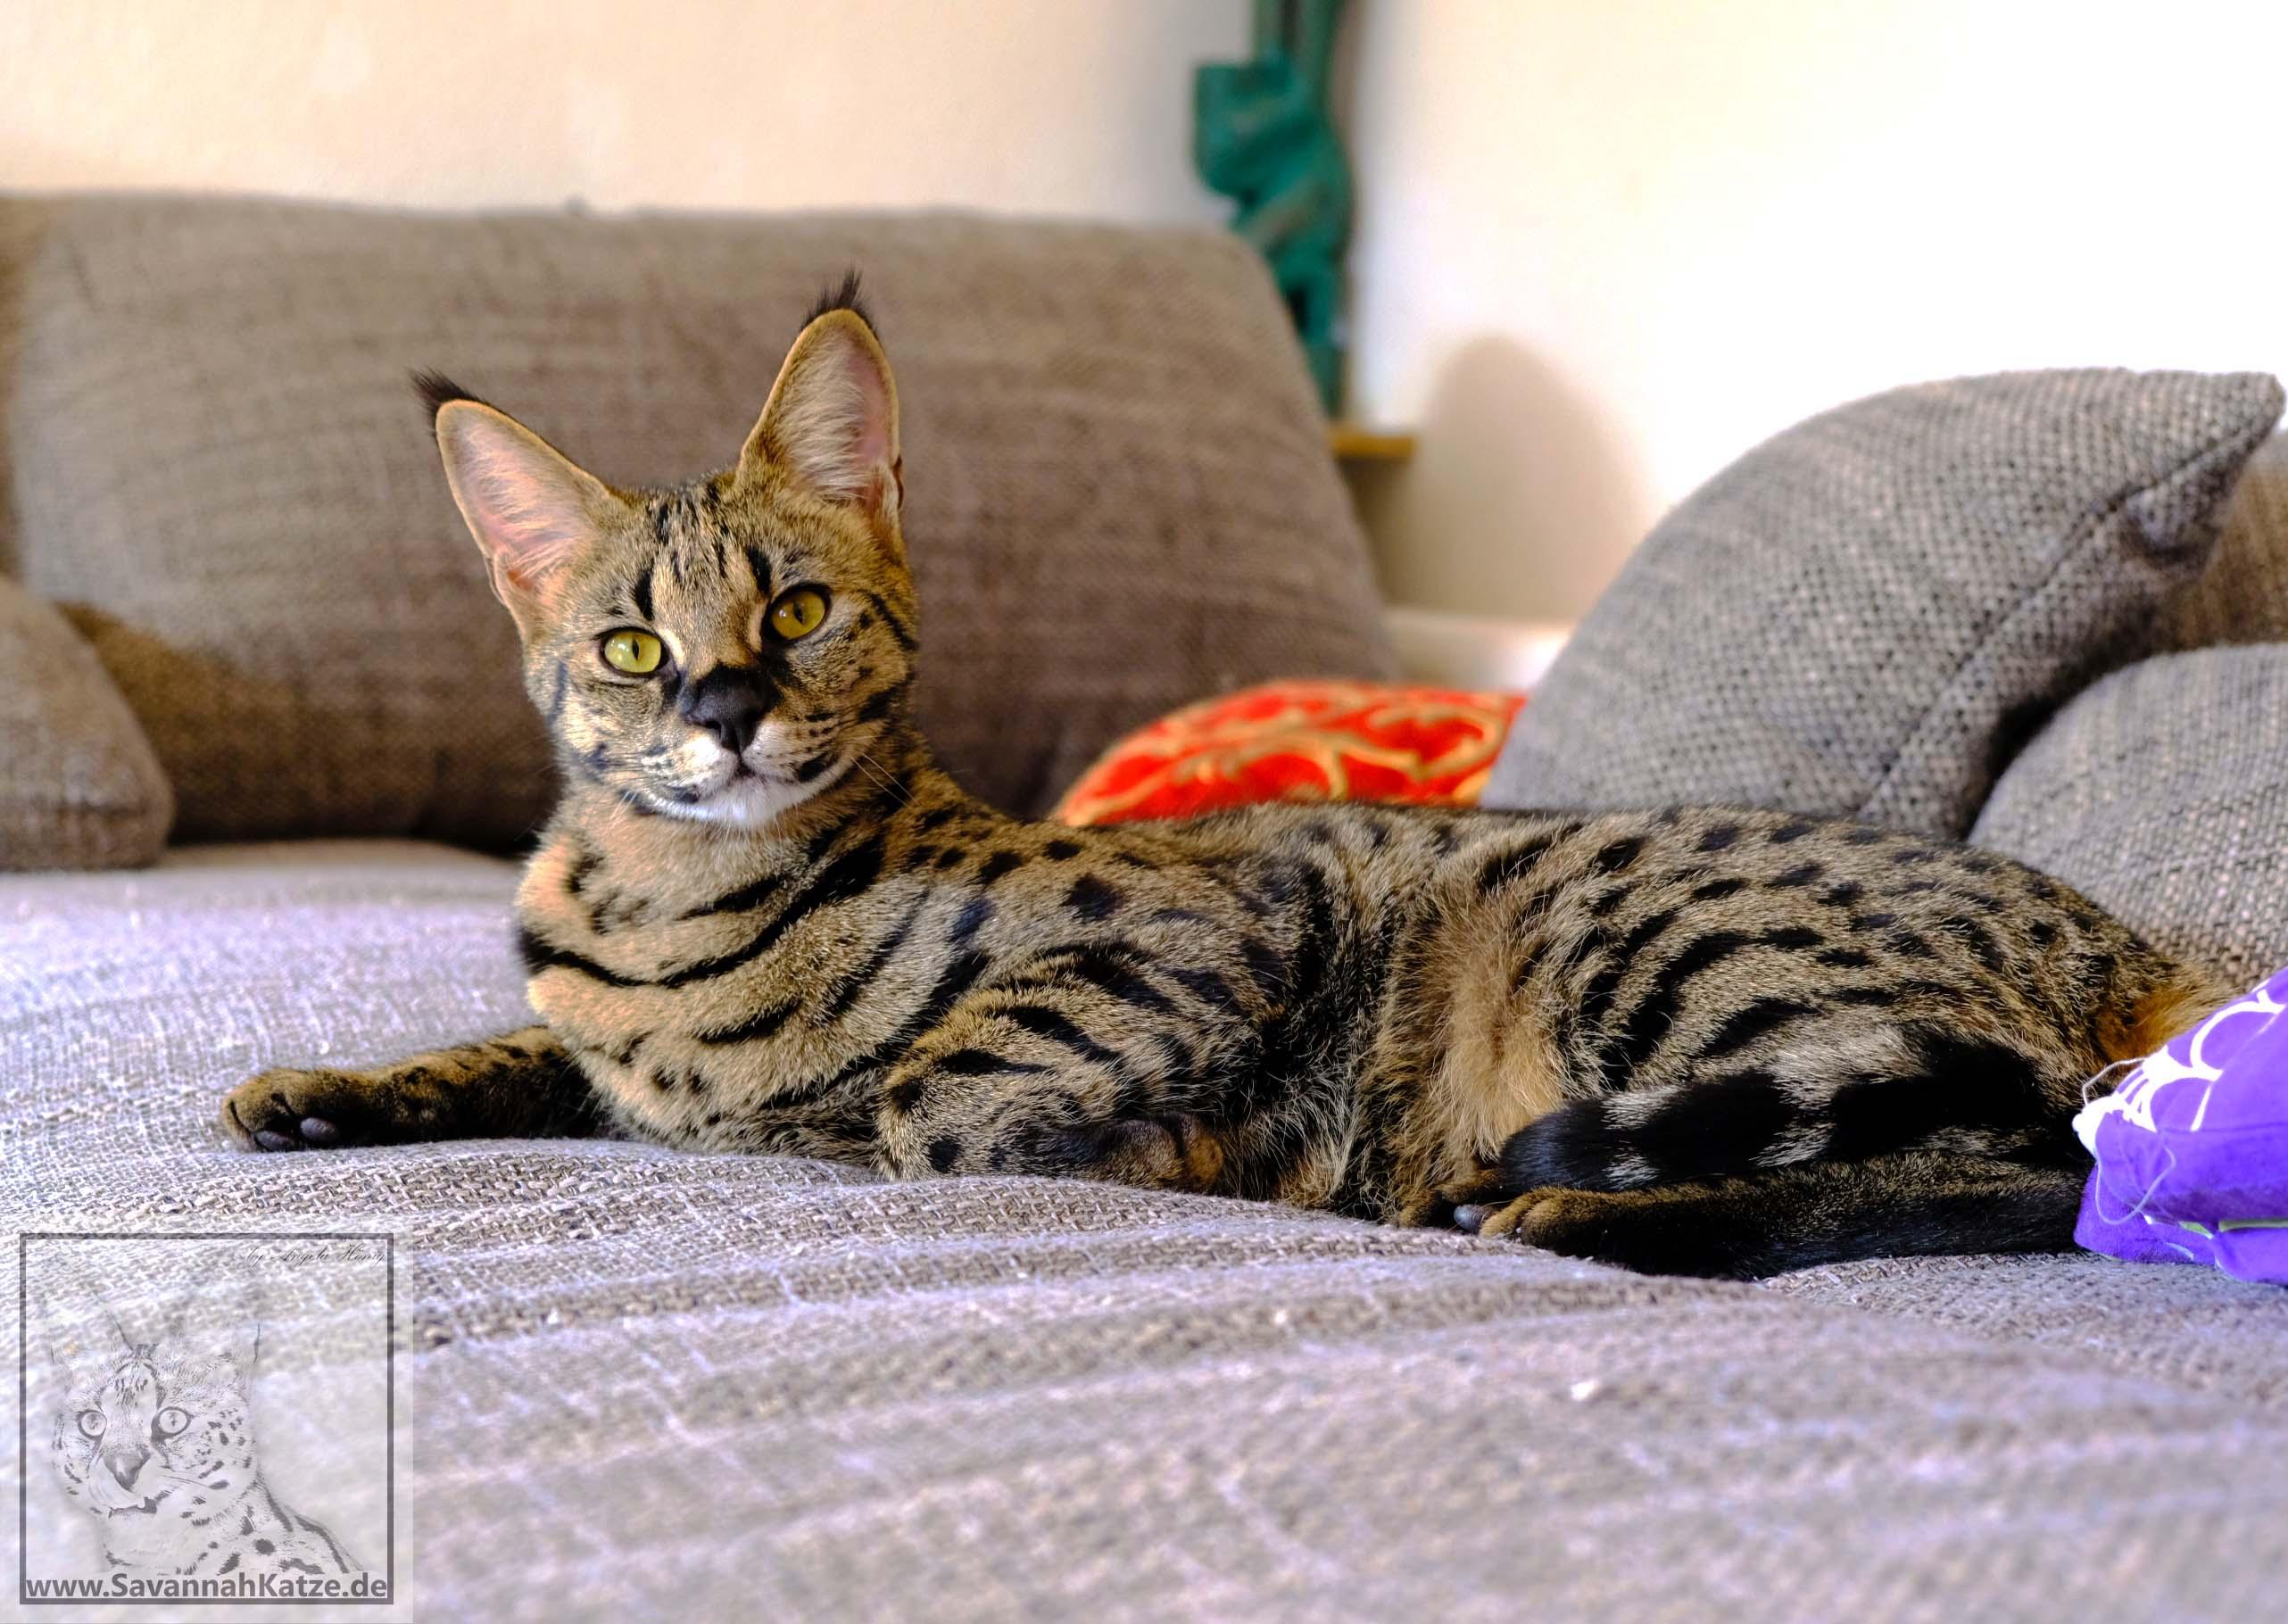 f1 savannahkatze elli savannah cats of jambo savannahbreed. Black Bedroom Furniture Sets. Home Design Ideas